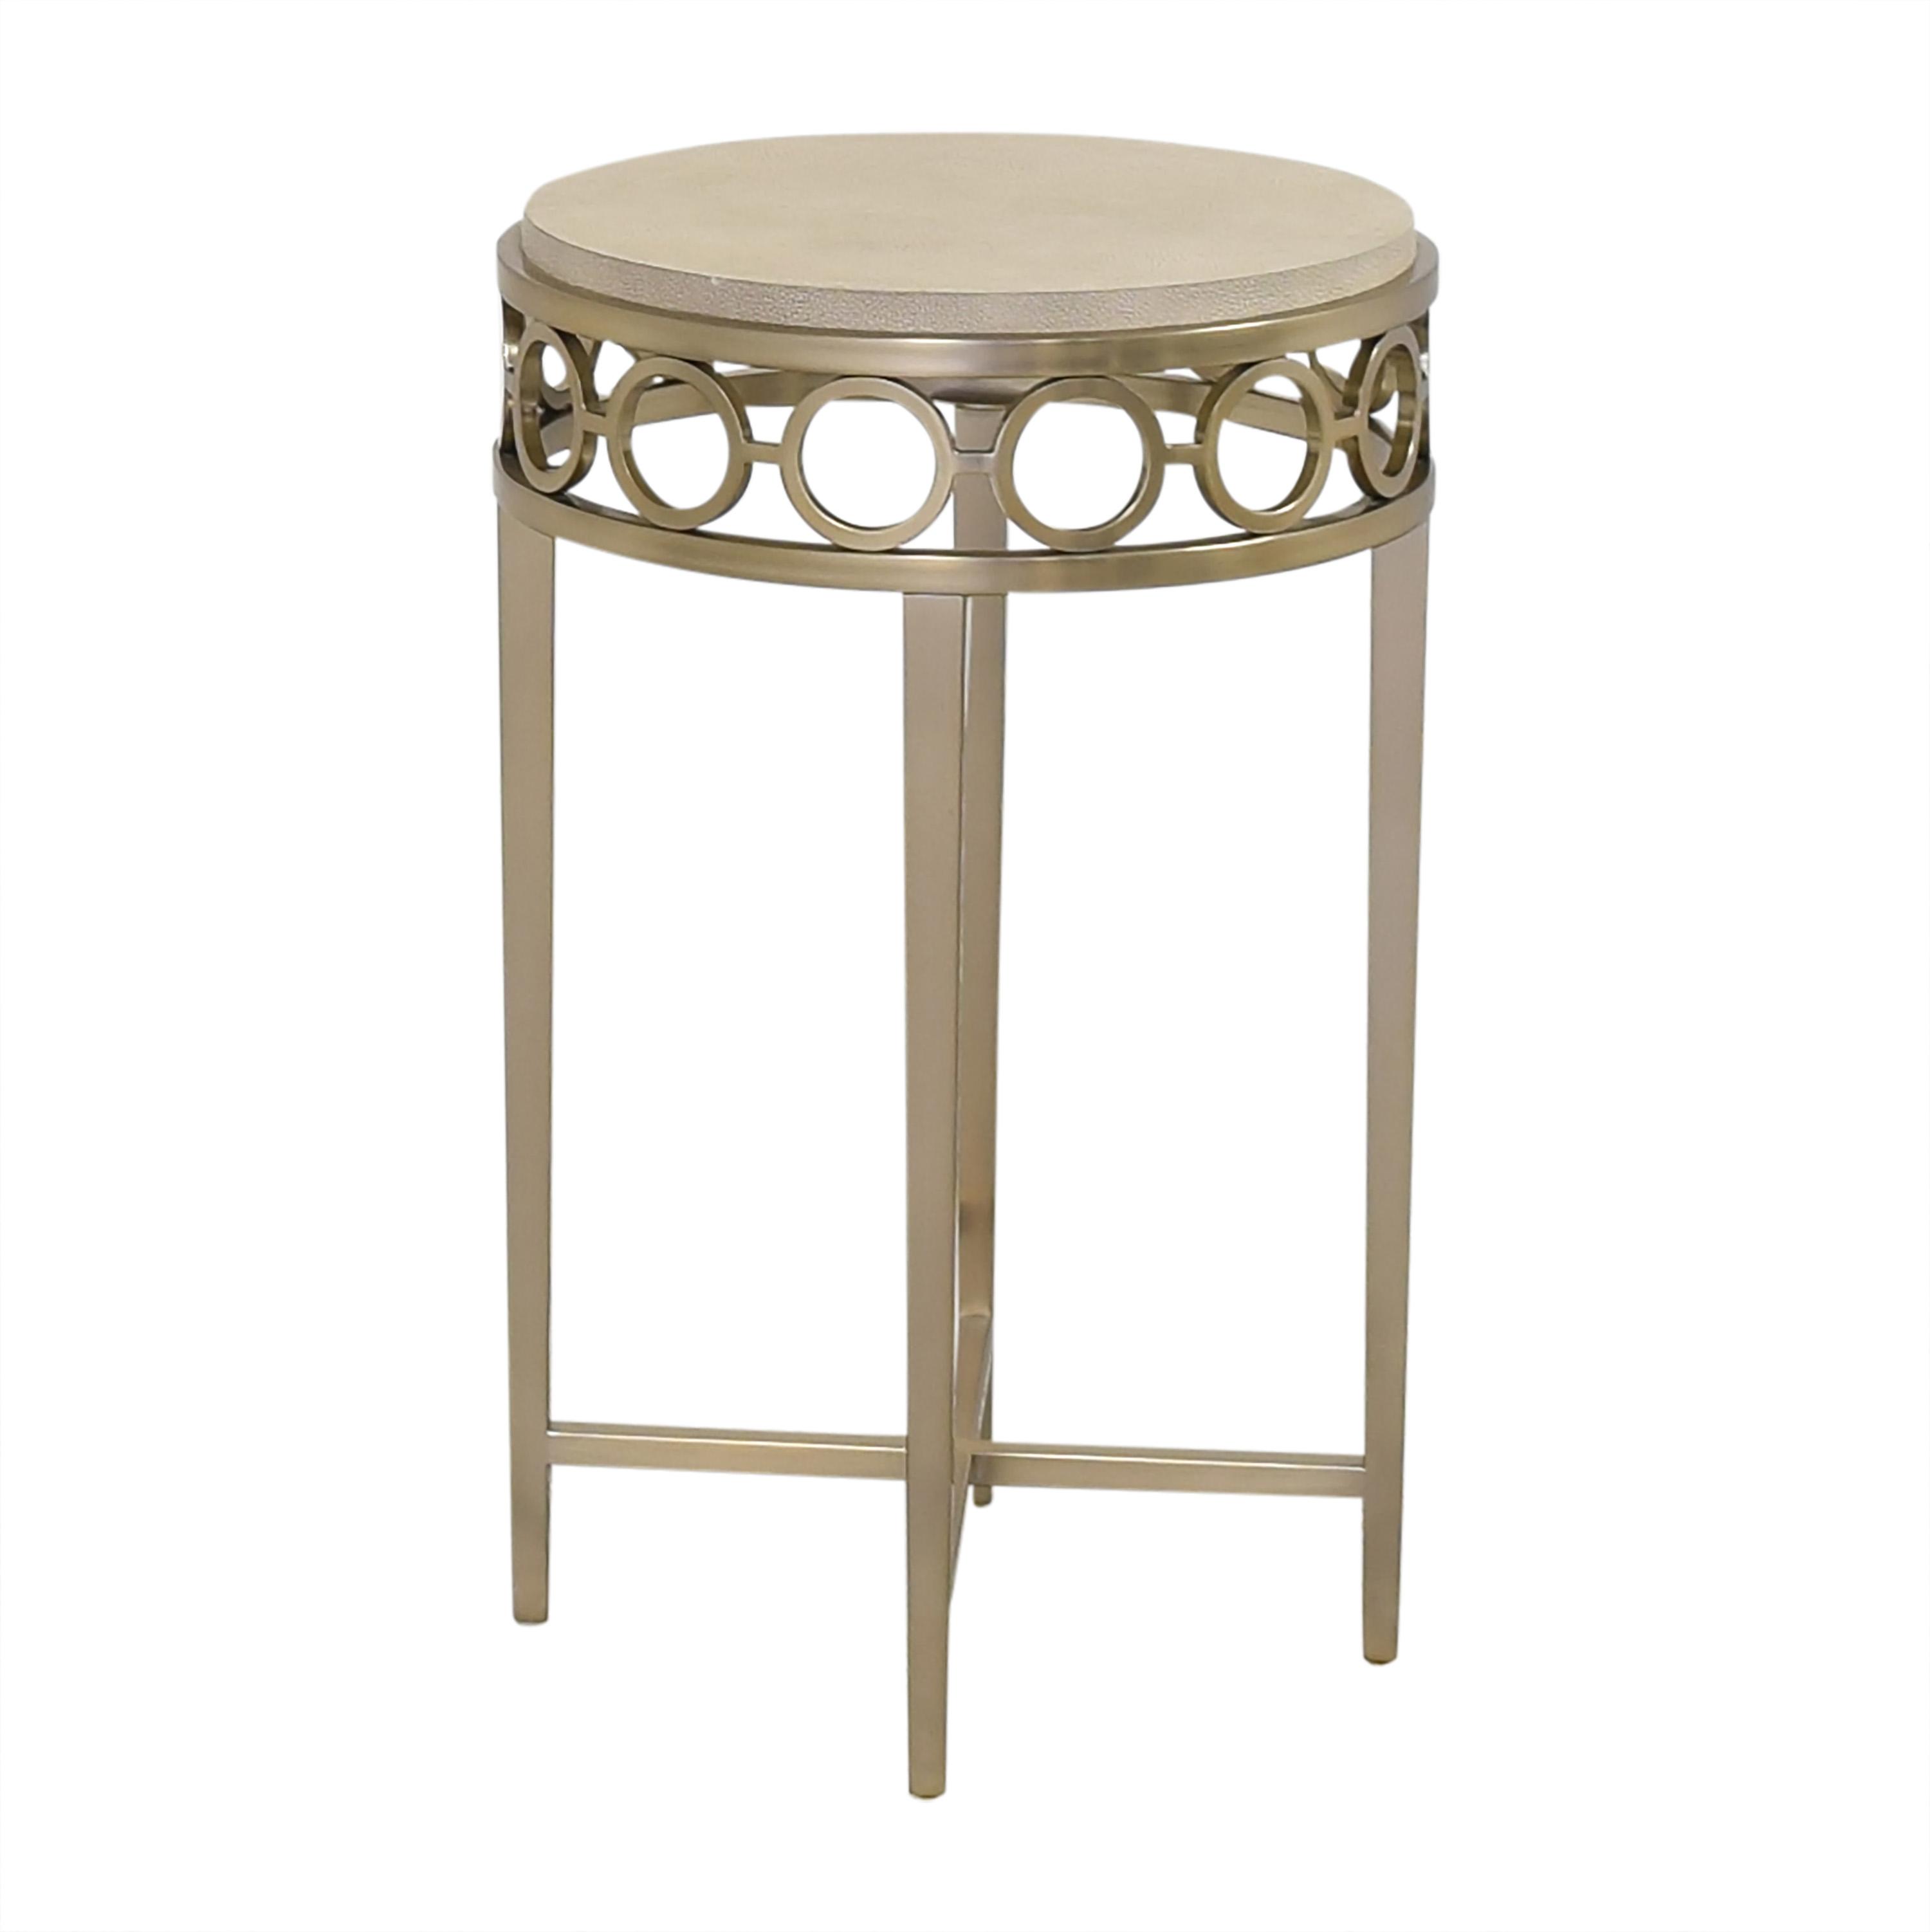 Bernhardt Bernhardt Round Chairside Table nj